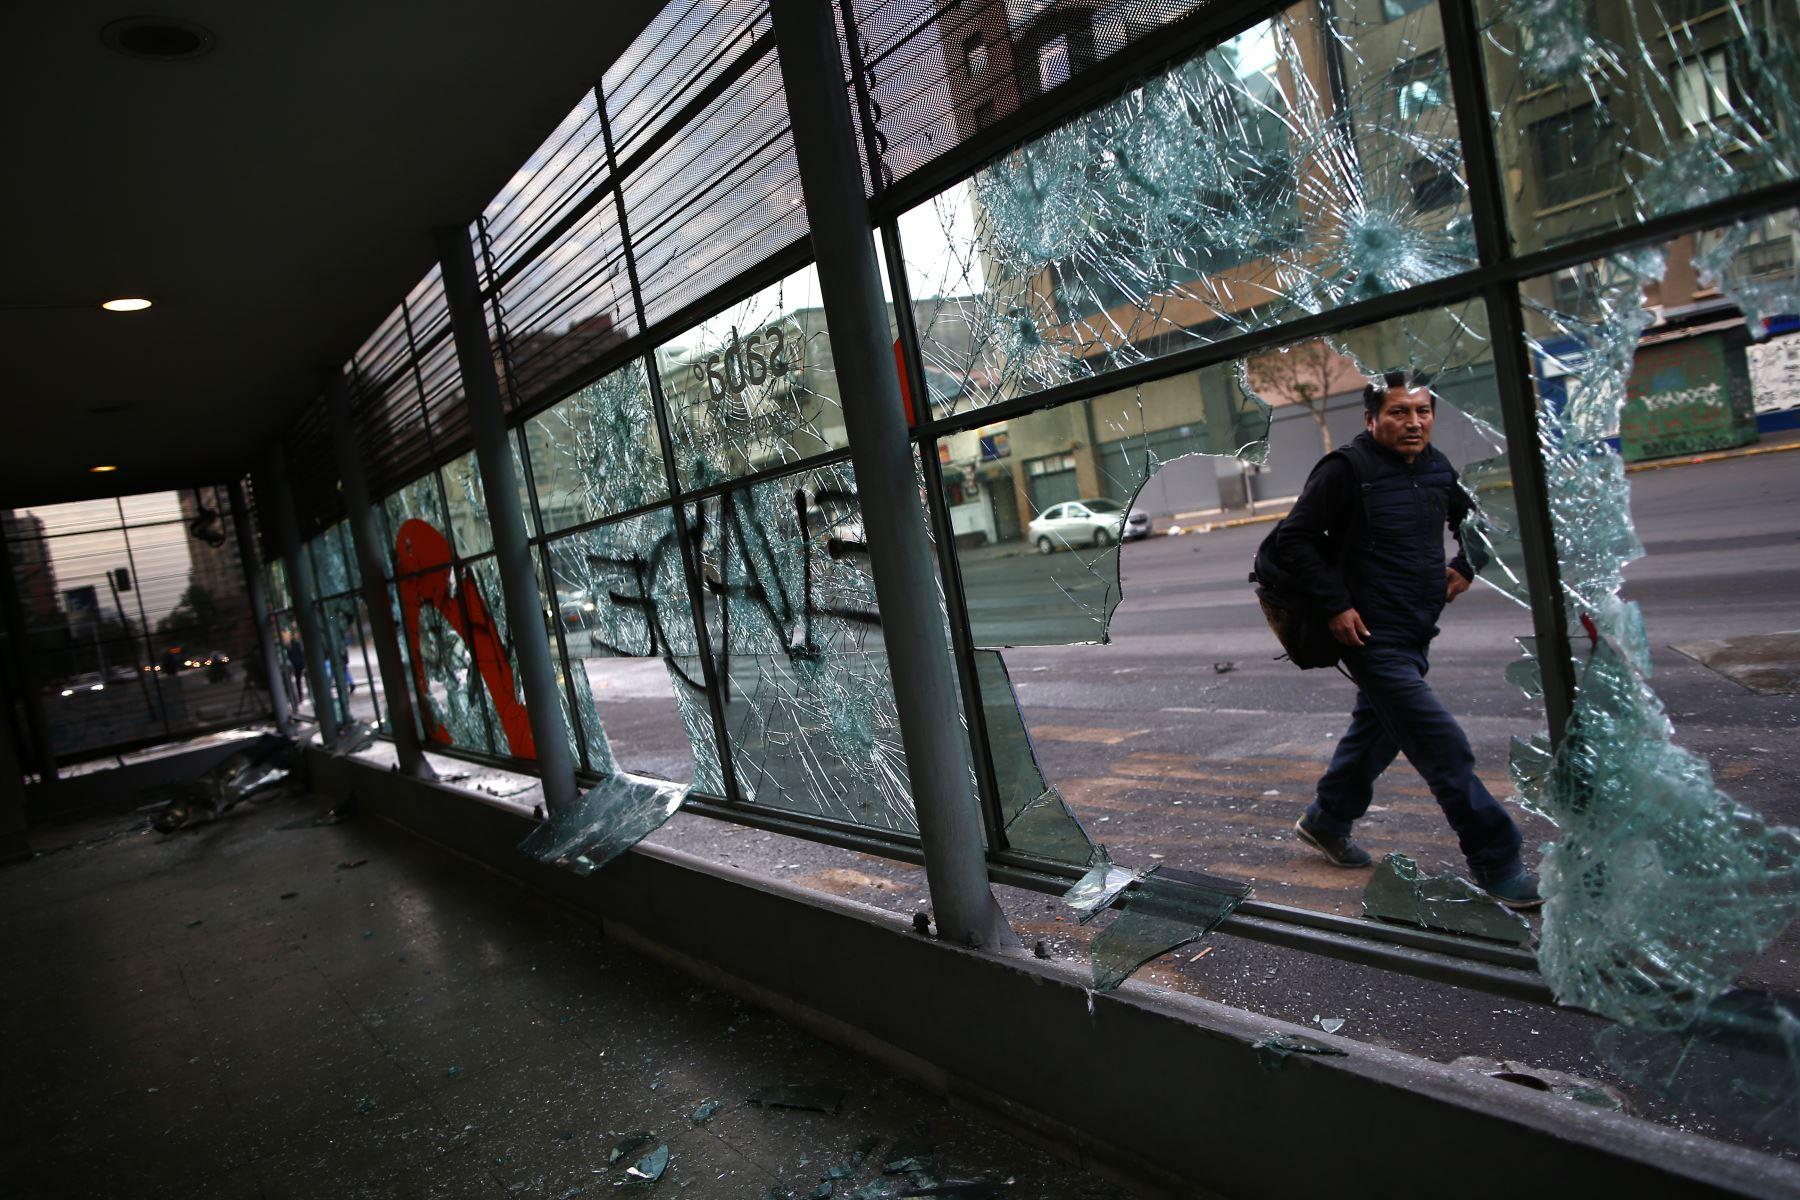 Así amaneció Chile tras protestas por alza de tarifa del Metro. Foto: AFP